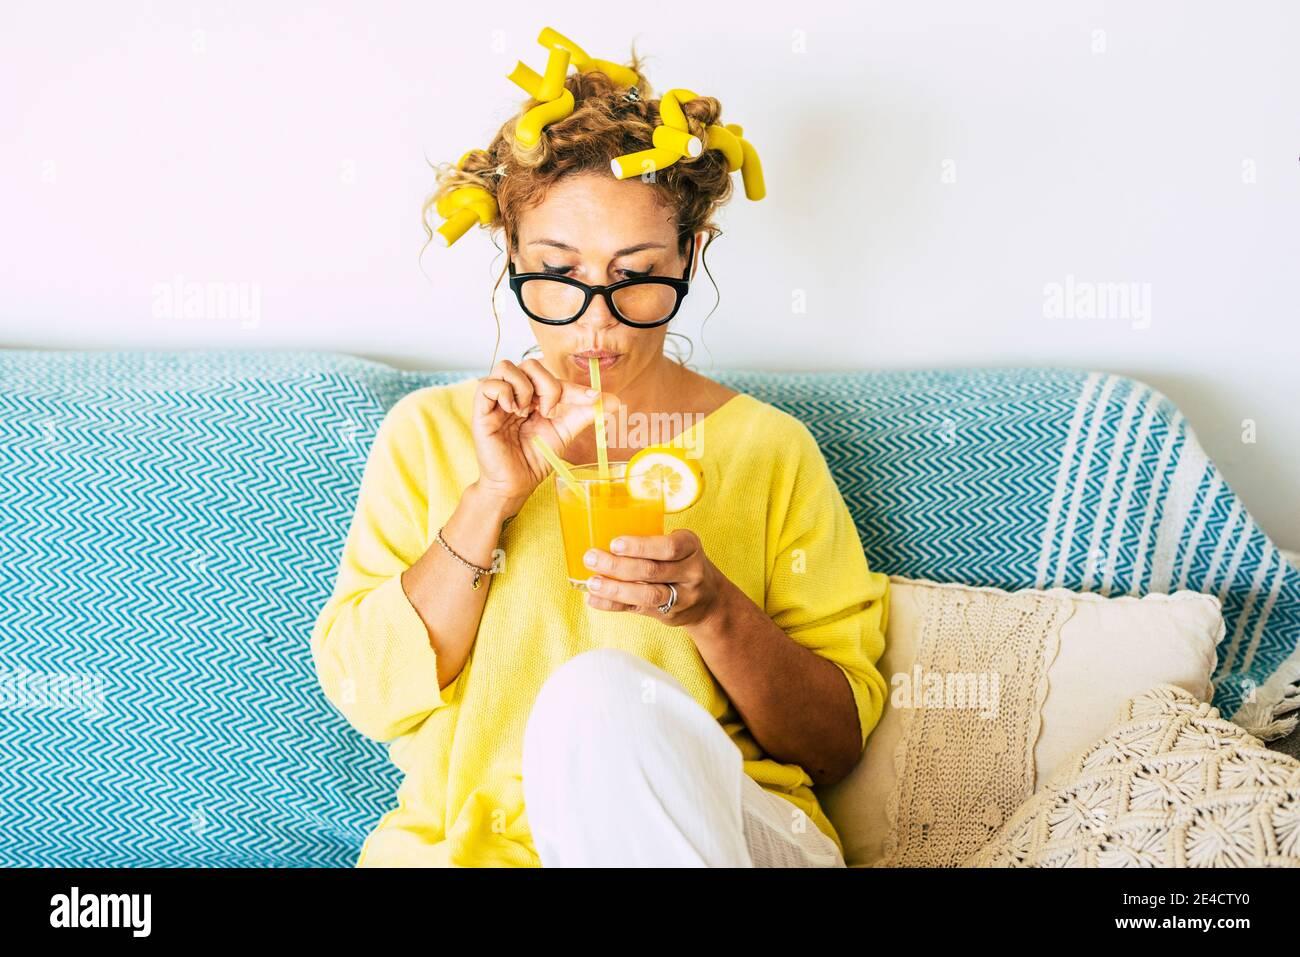 Portrait de couleur jaune de la belle femme de race blanche, jeune adulte, qui boit jus d'orange sain à la maison avec des curlers et un canapé bleu en arrière-plan - concept de santé et de mode de vie pour les gens Banque D'Images